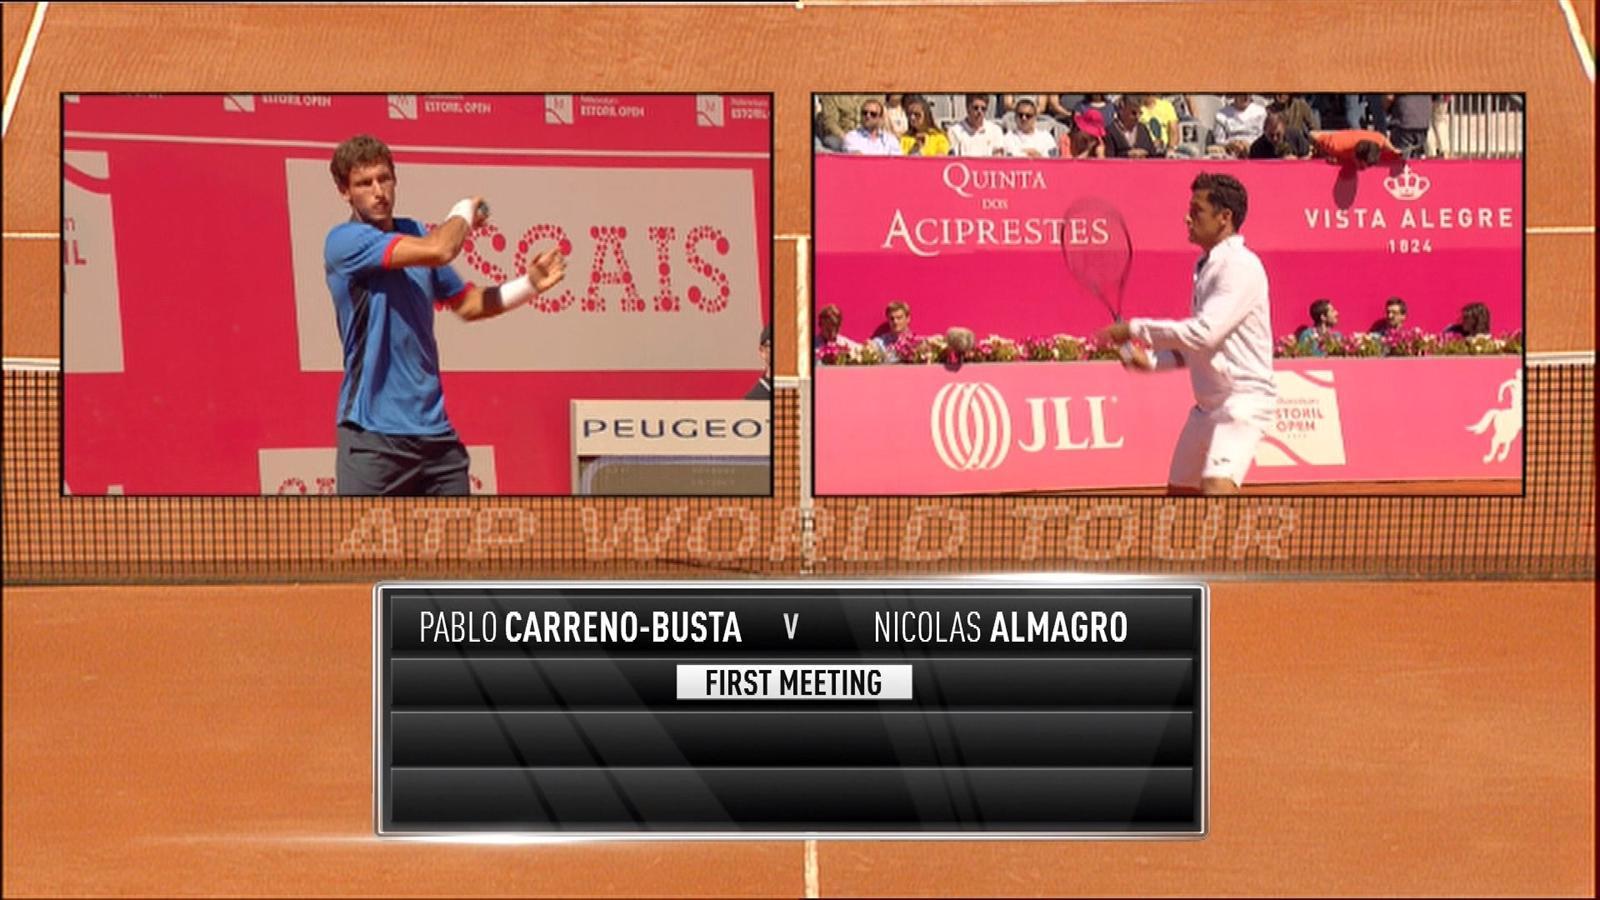 VIDEO - Almagro vince l'Atp di Estoril: gli highlights della finale con Carreno Busta - ATP ...